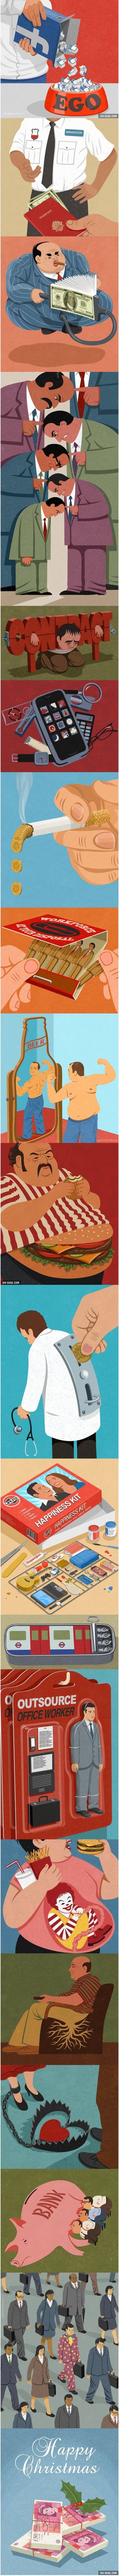 현대인의 자화상> 다나와 커뮤니티 ::행복쇼핑의 시작! 다나와(가격비교)